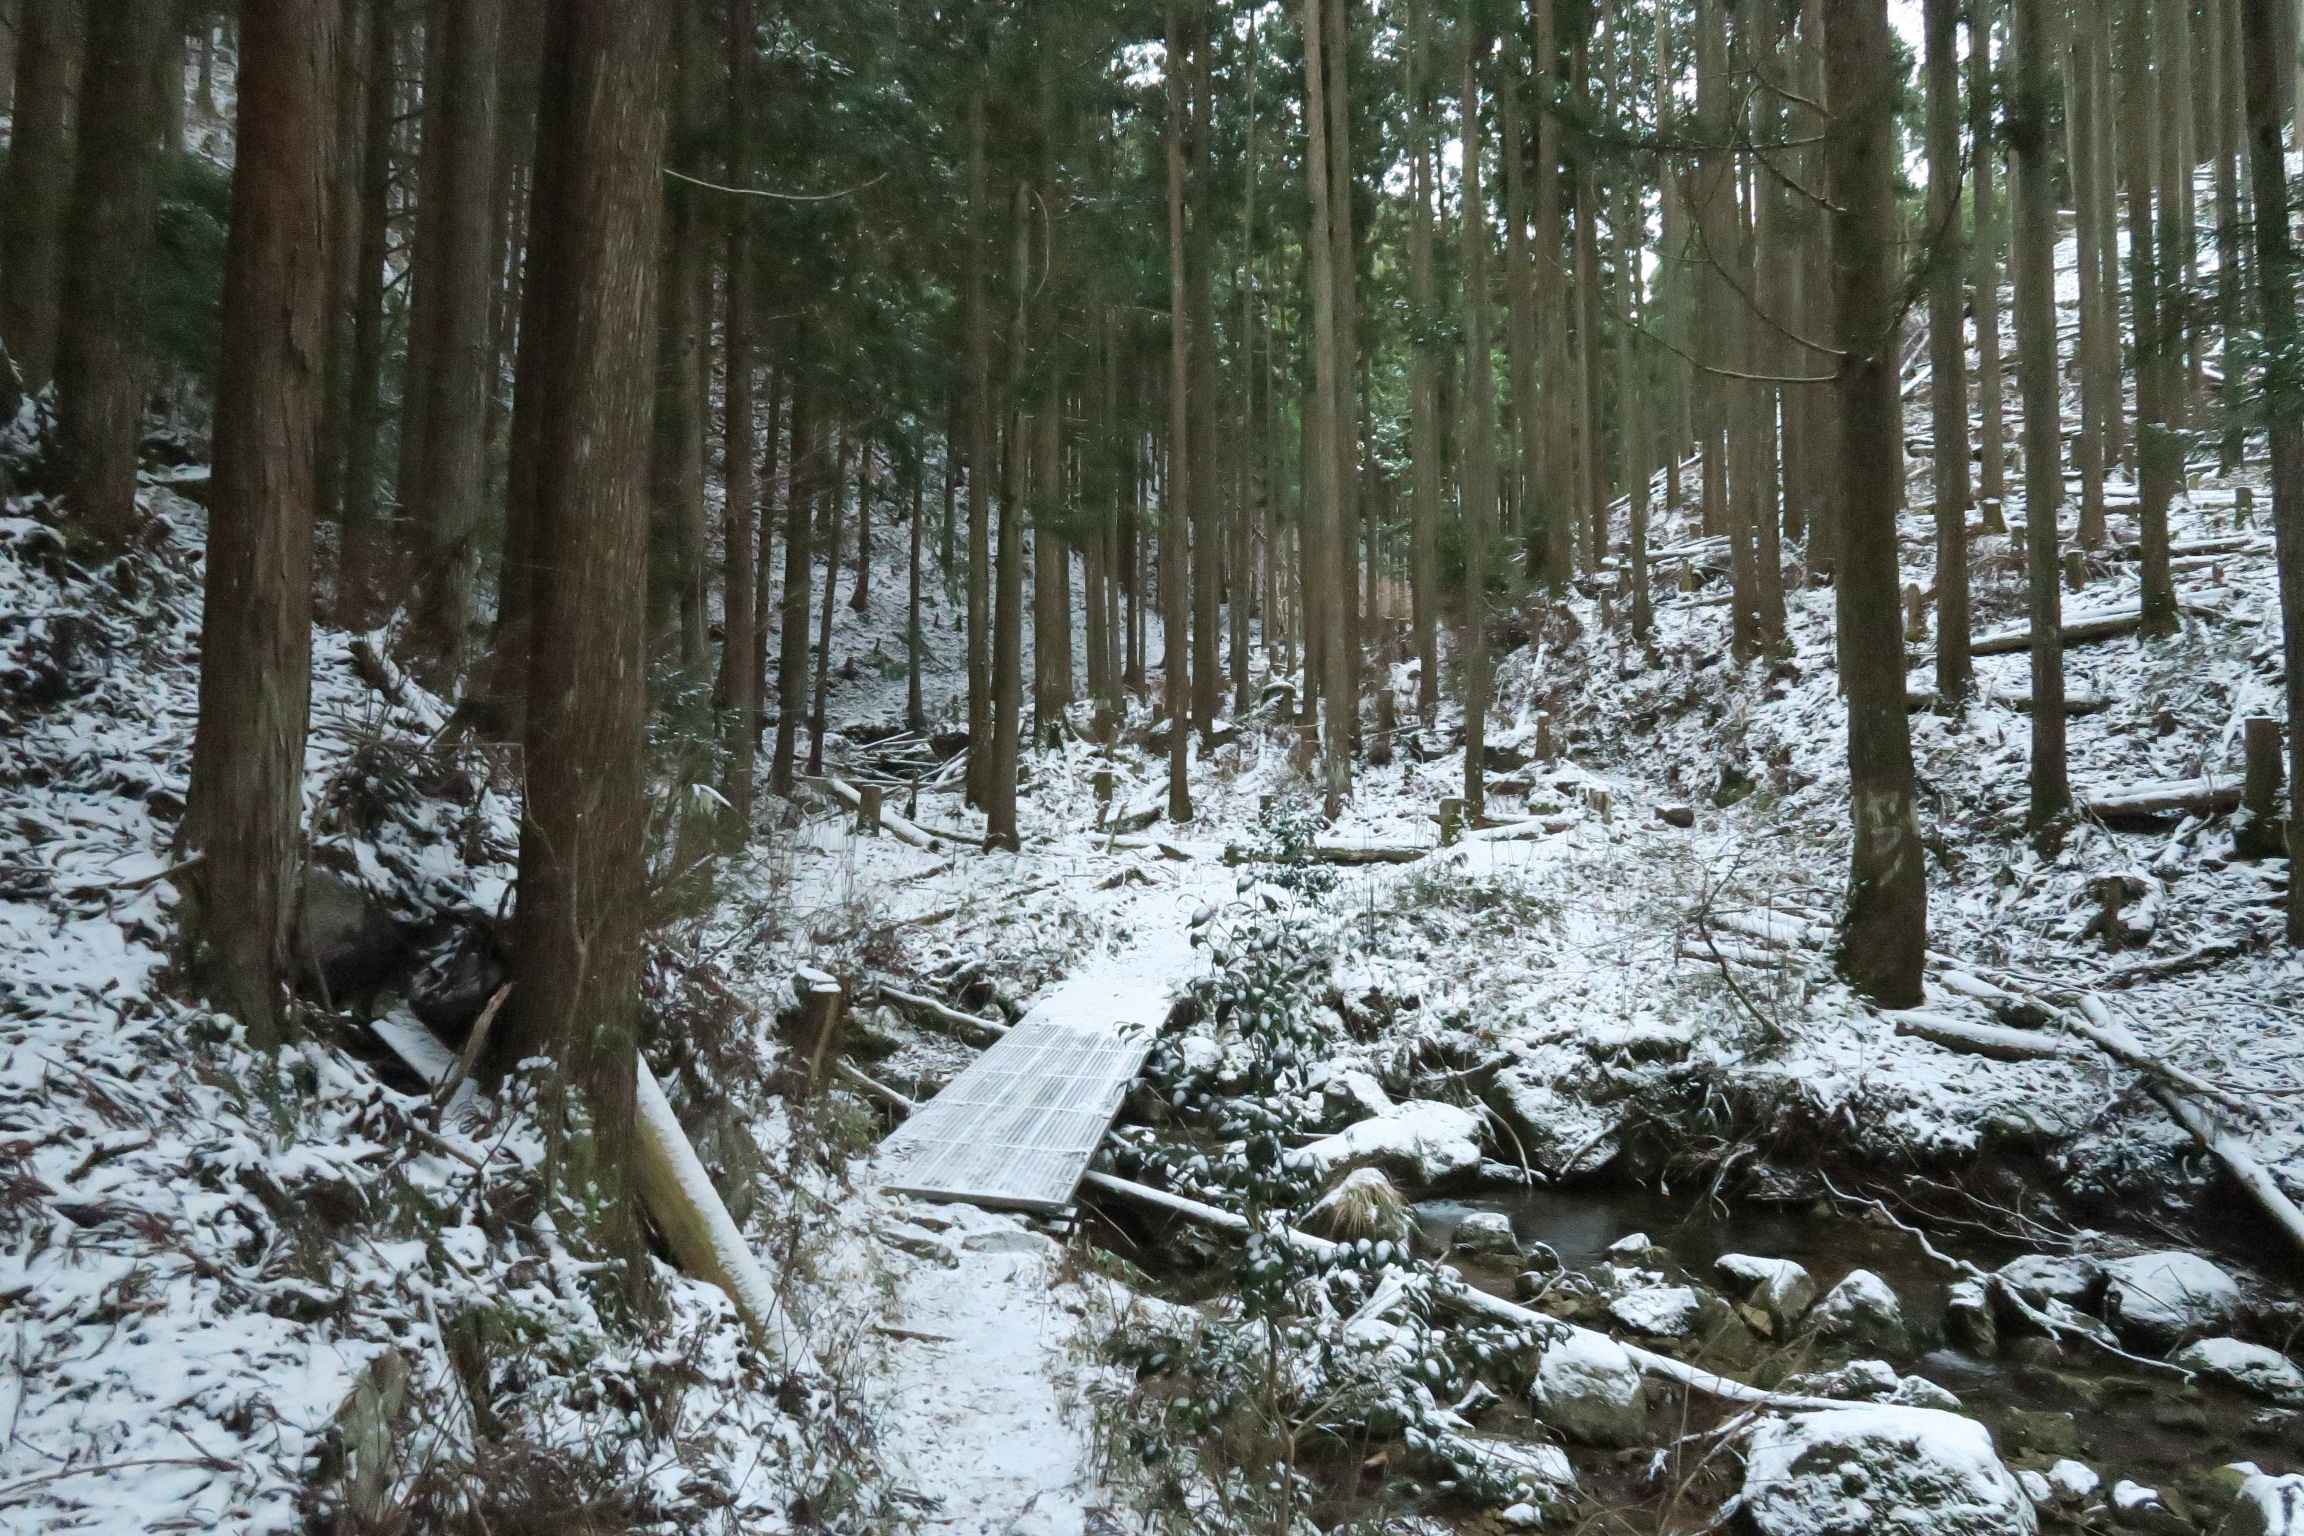 わずかに雪が降ったようですね。川にかかっている鉄製の橋は、アイゼンをしているとハマってしまうことも。